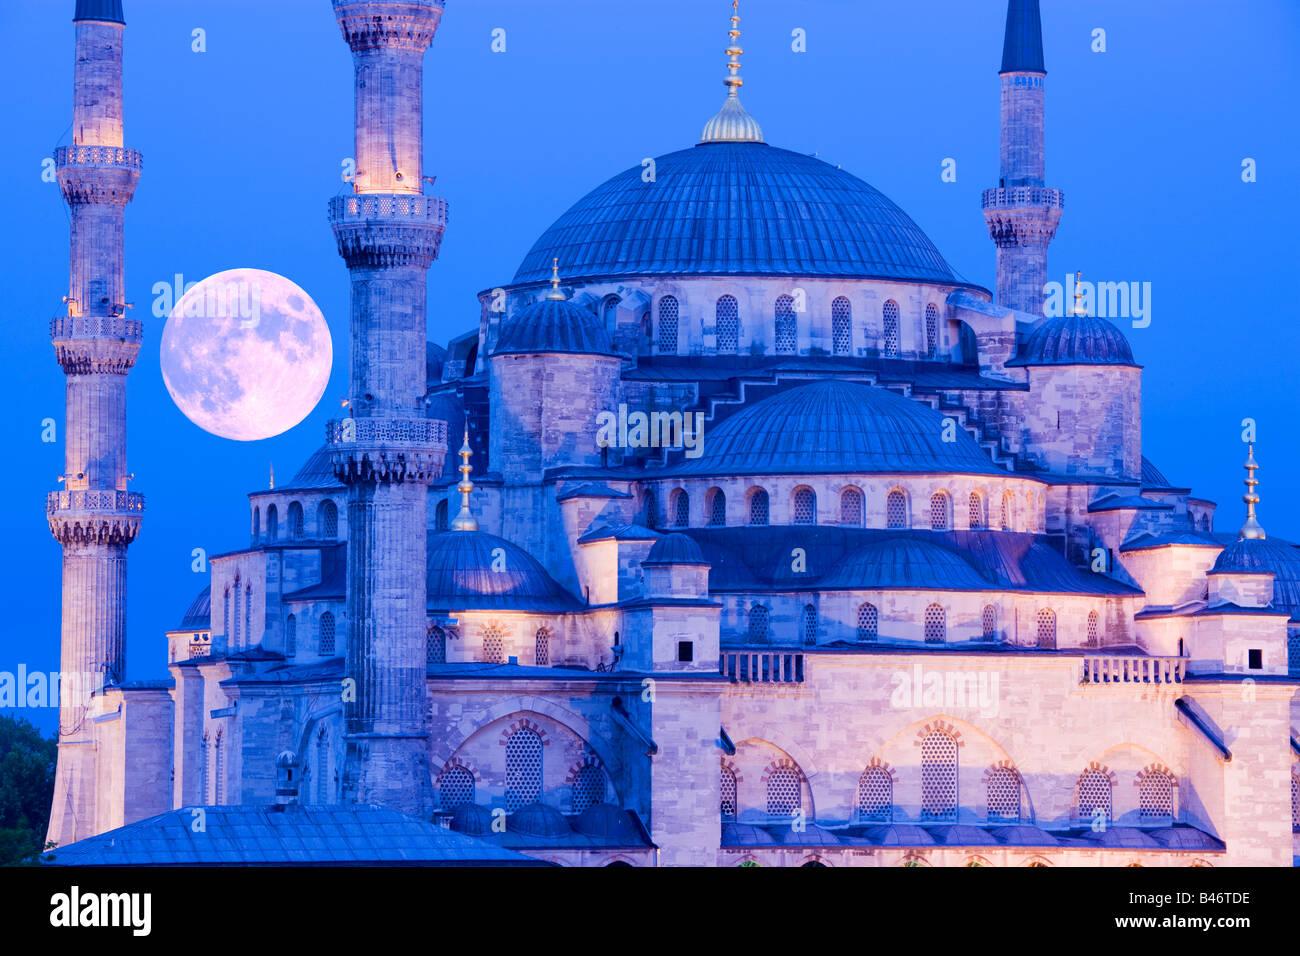 Turquia Estambul luna sobre la Mezquita del Sultan Ahmed Mezquita Azul Imagen De Stock